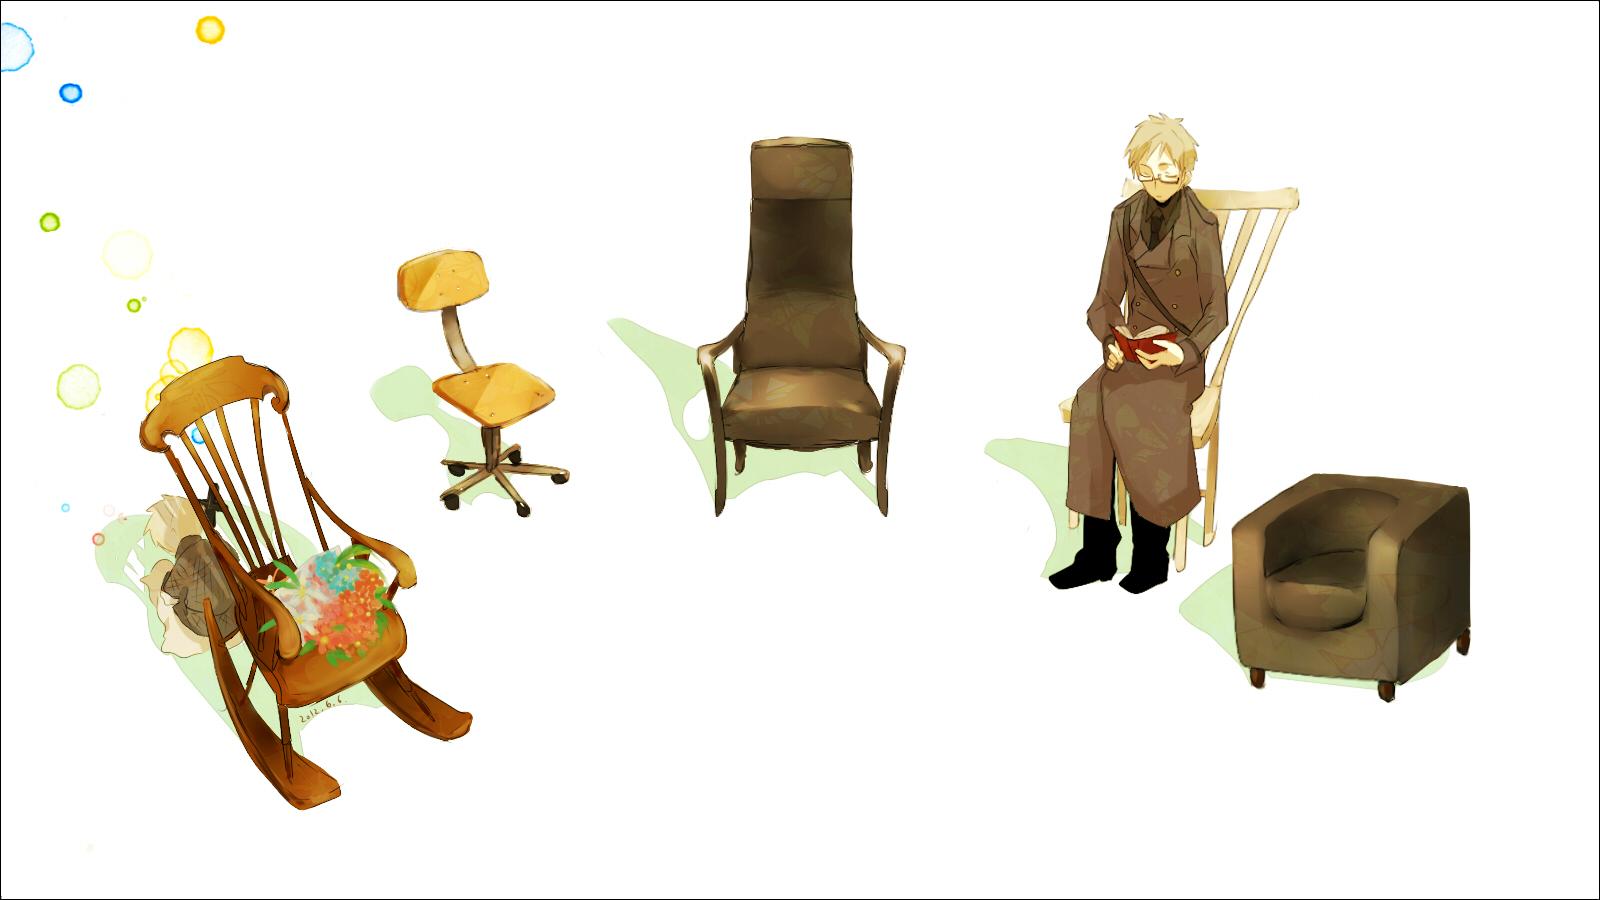 Ikea Zerochan Anime Image Board